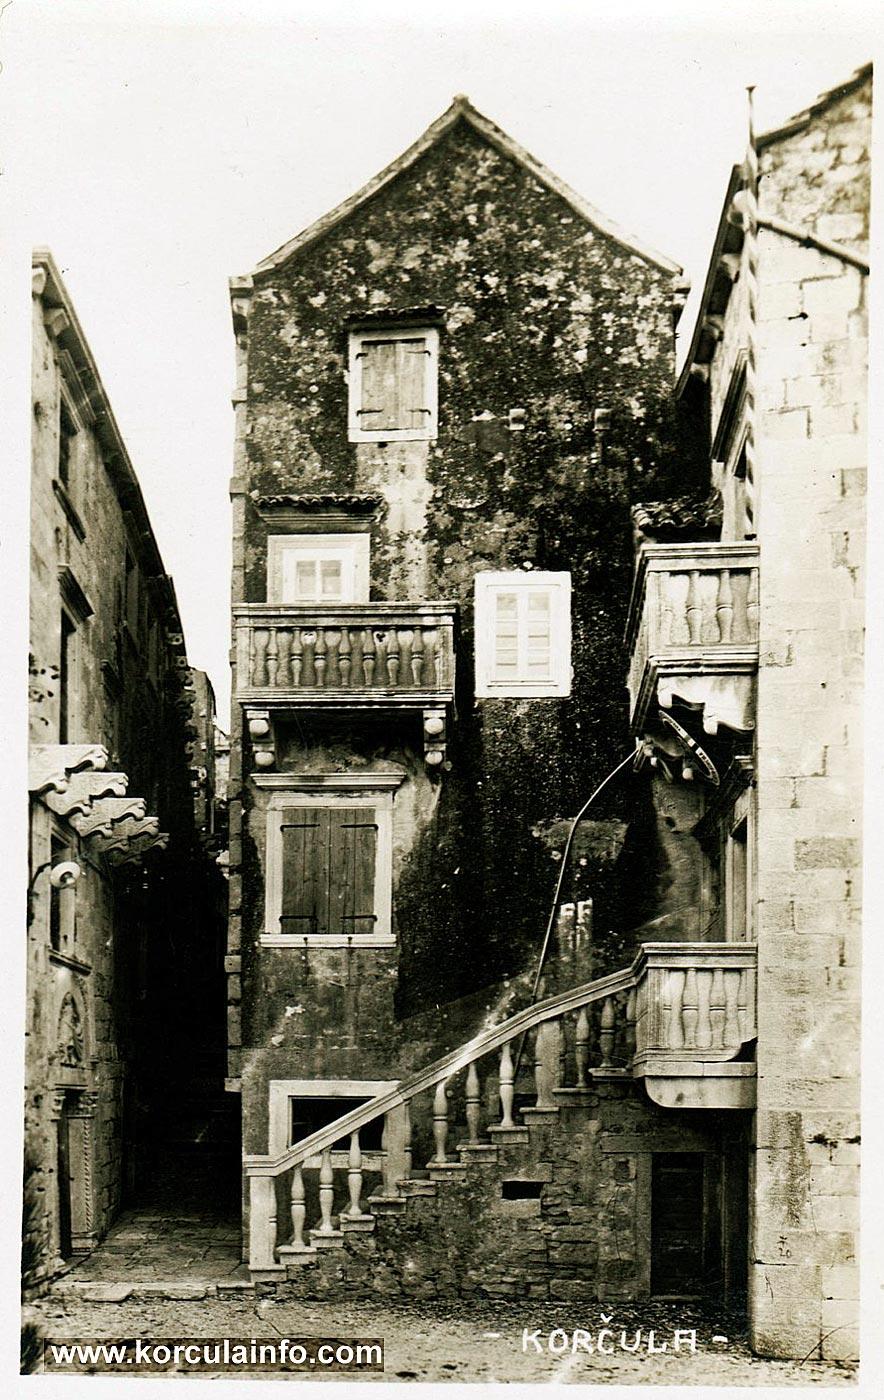 Balconies @ House of Marko Andrijic, Korcula